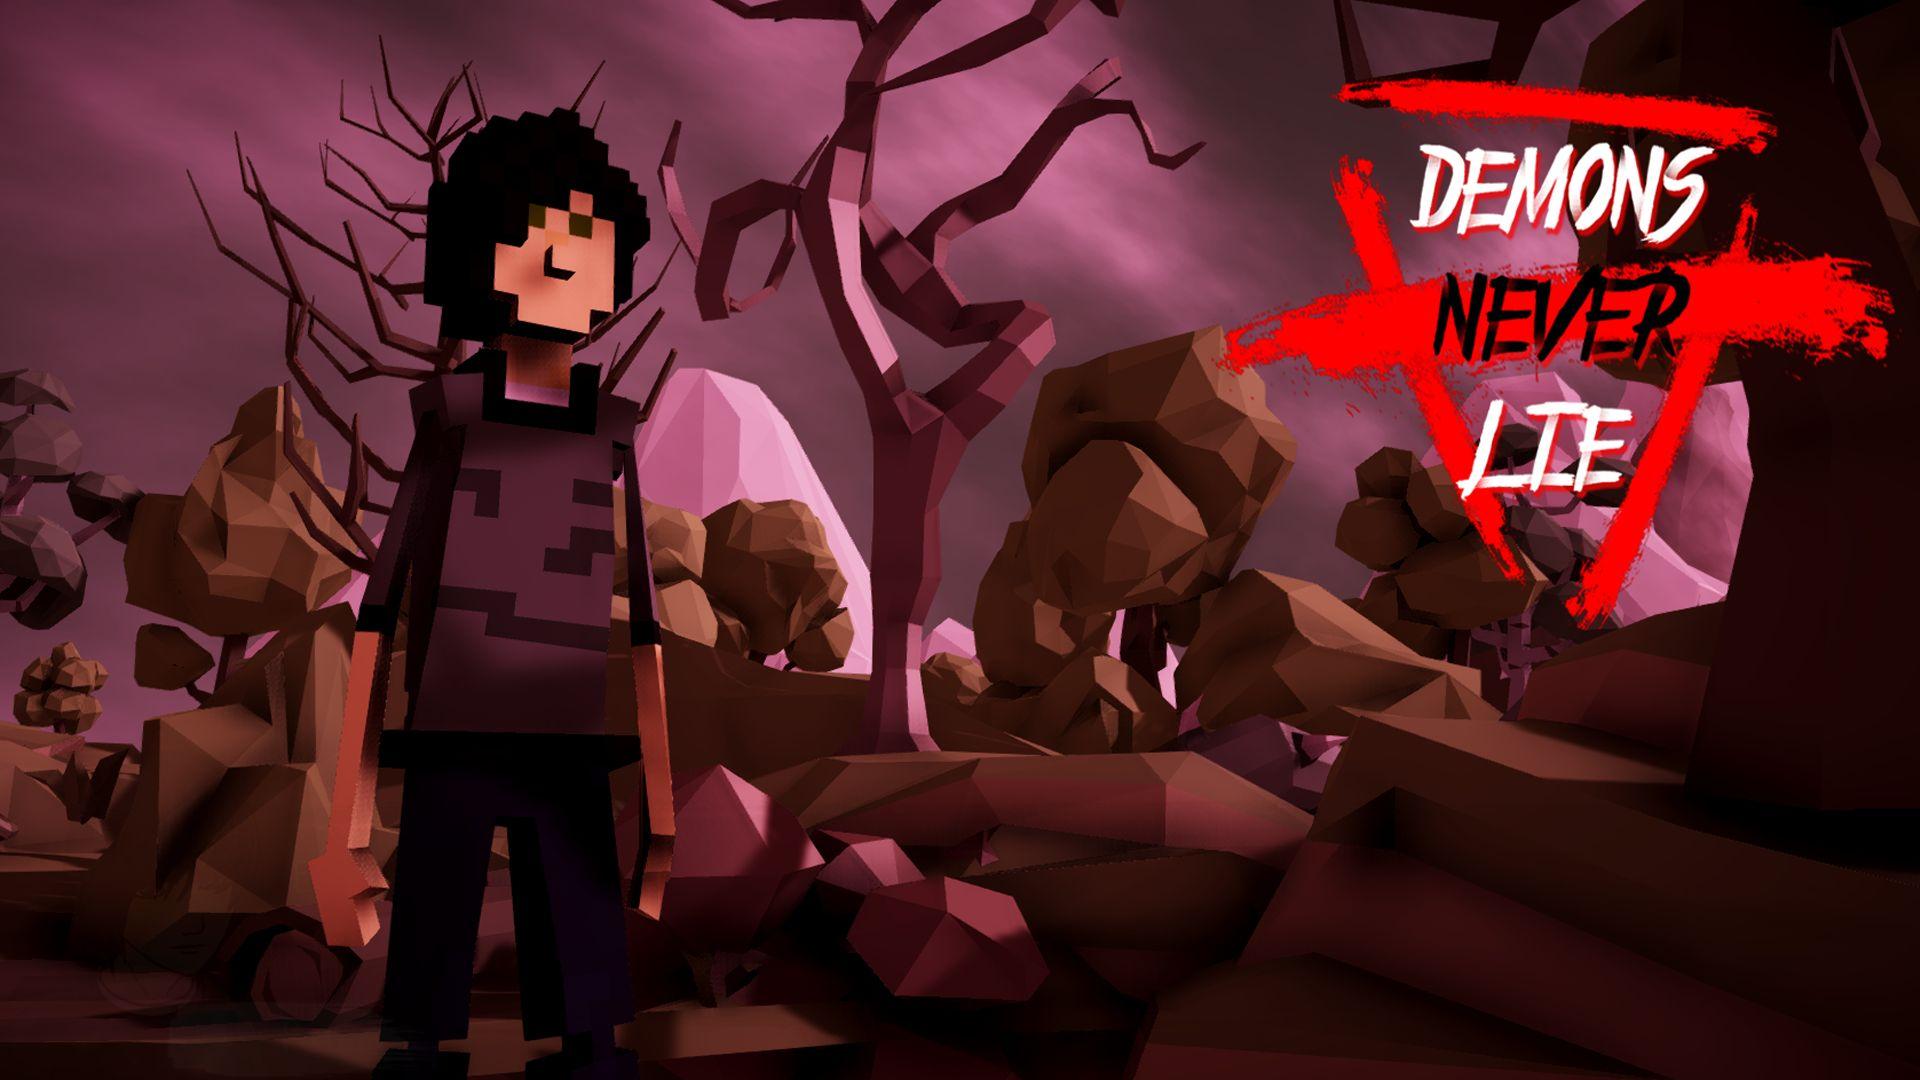 Demons Never Lie 2 - Horror adventure screenshot 1